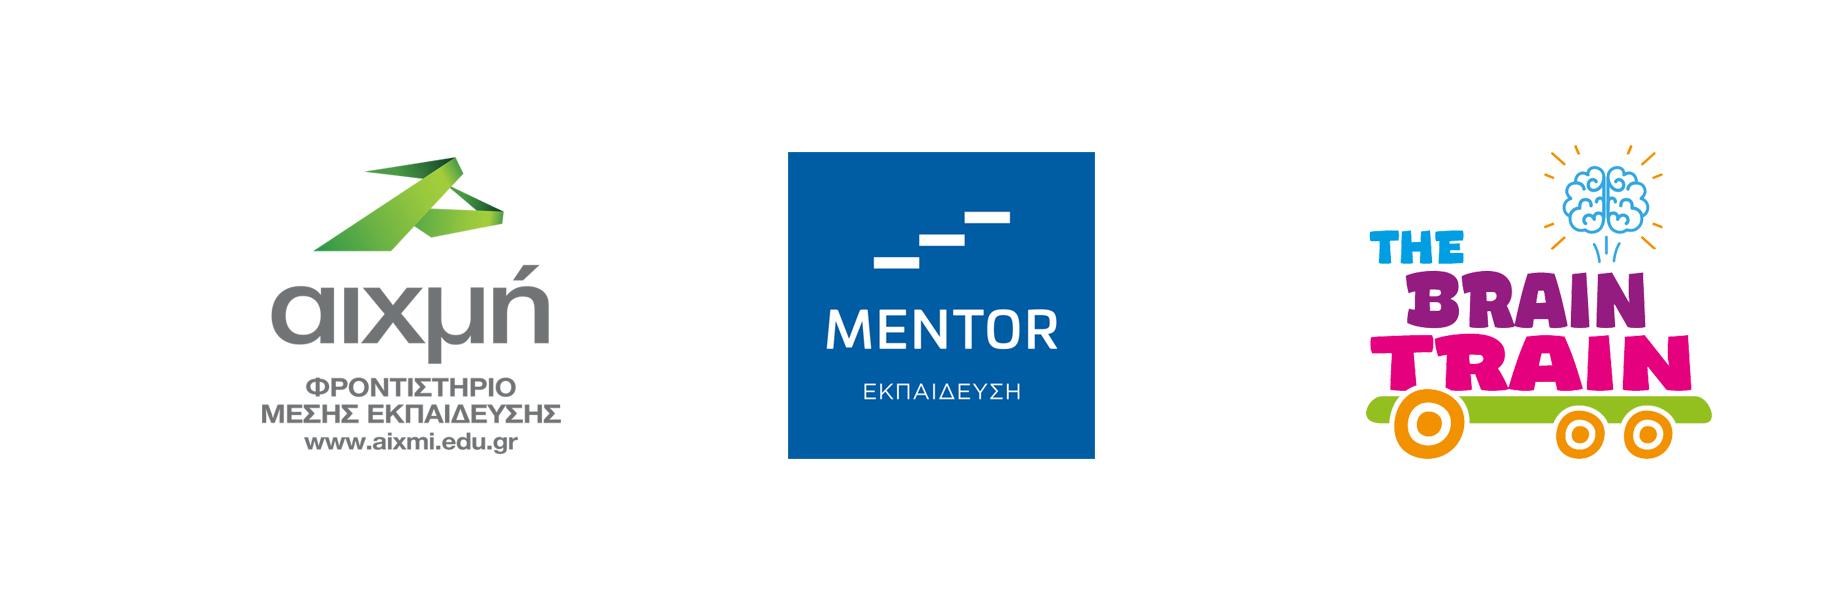 Θέσεις εργασίας από εκπαιδευτικό οργανισμό στην Κοζάνη